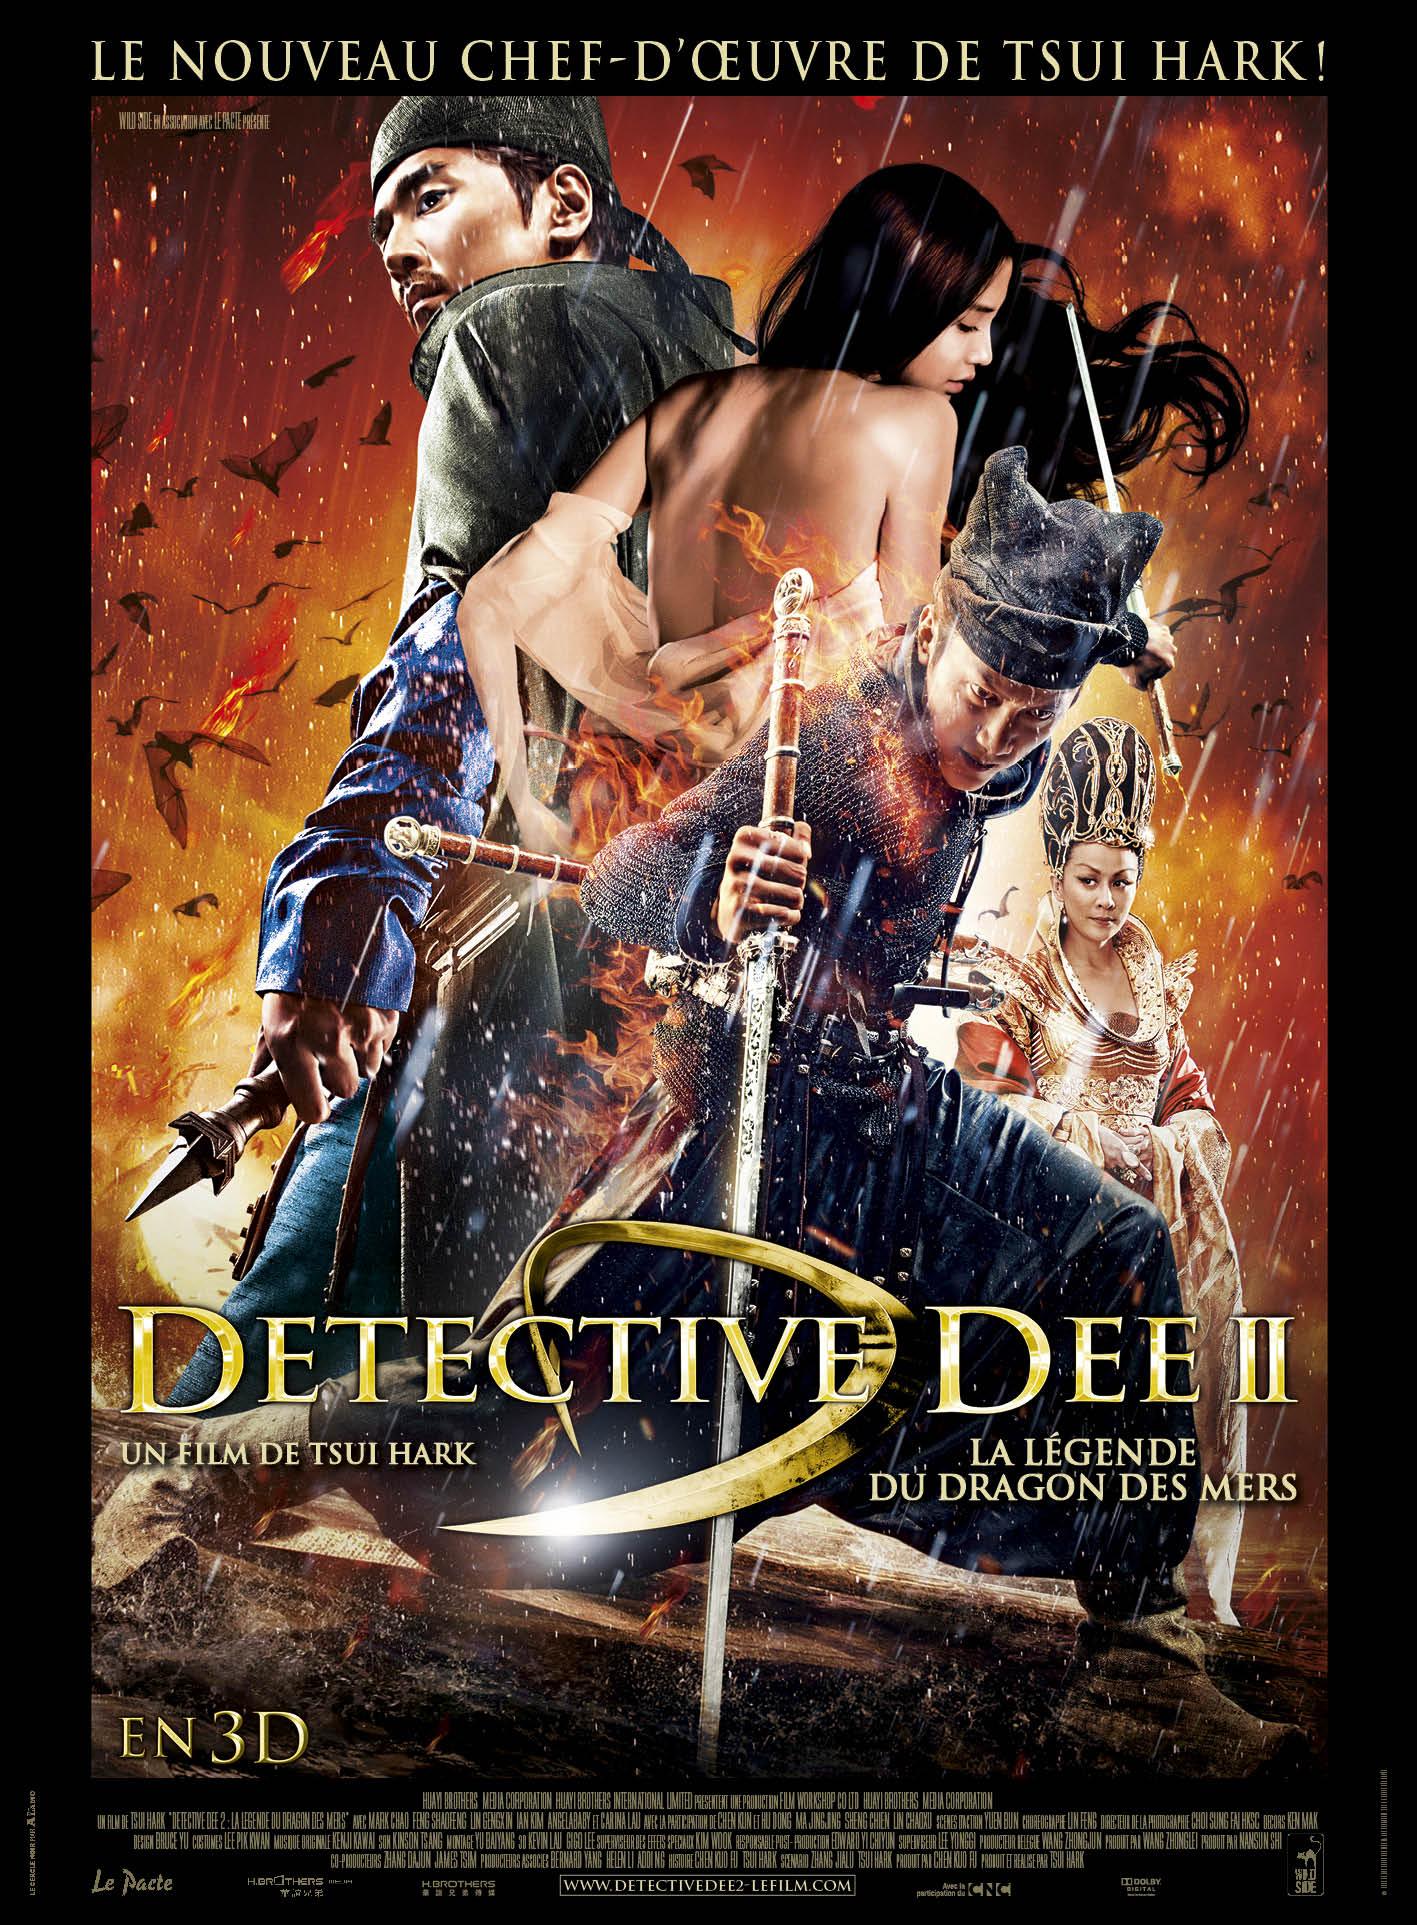 Détective Dee II : La Légende du Dragon des Mers [TRUEFRENCH BDRiP]